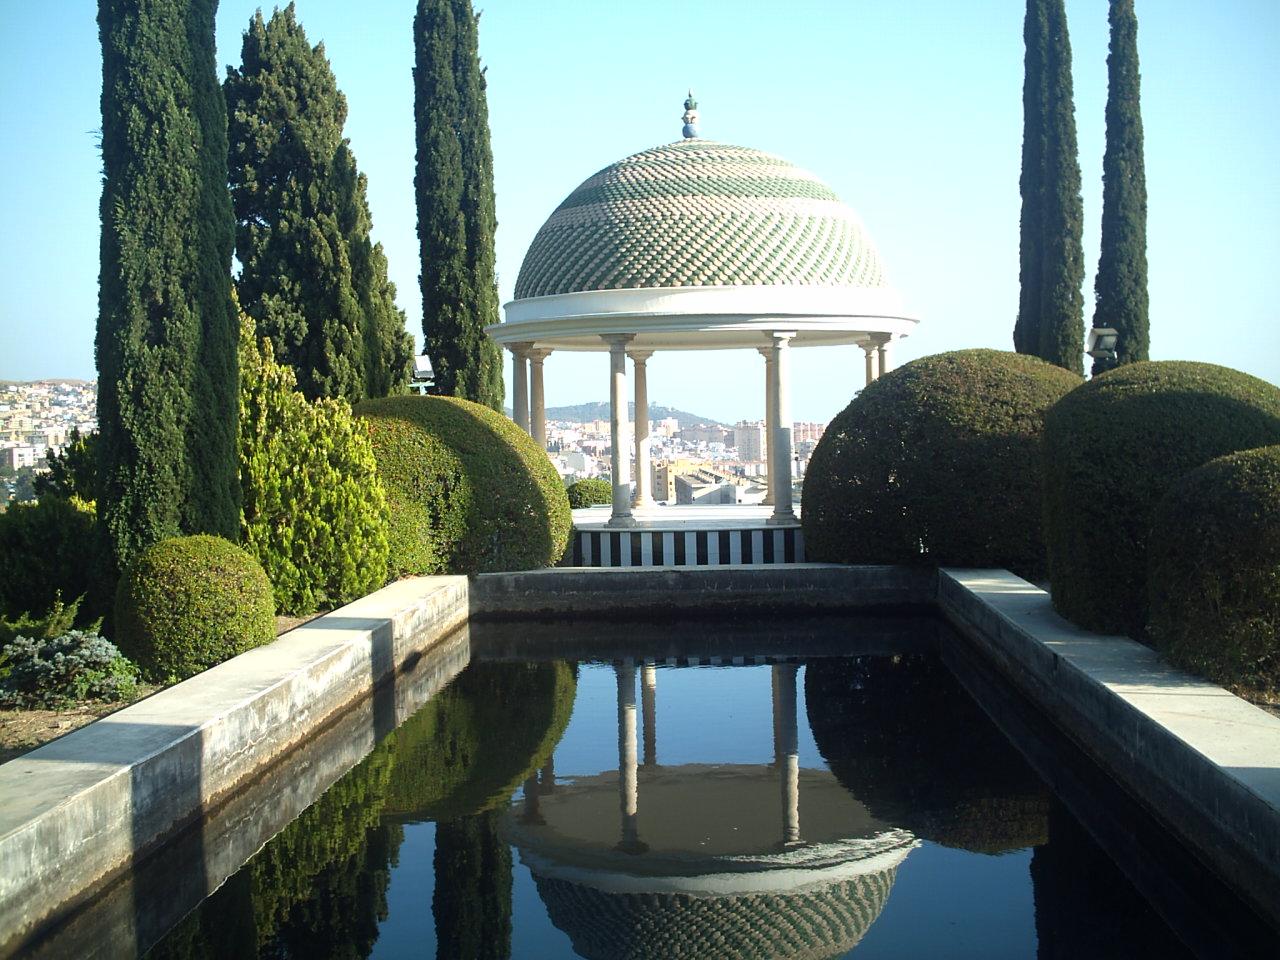 andalucia_andalusia_tour_consigli_cosa